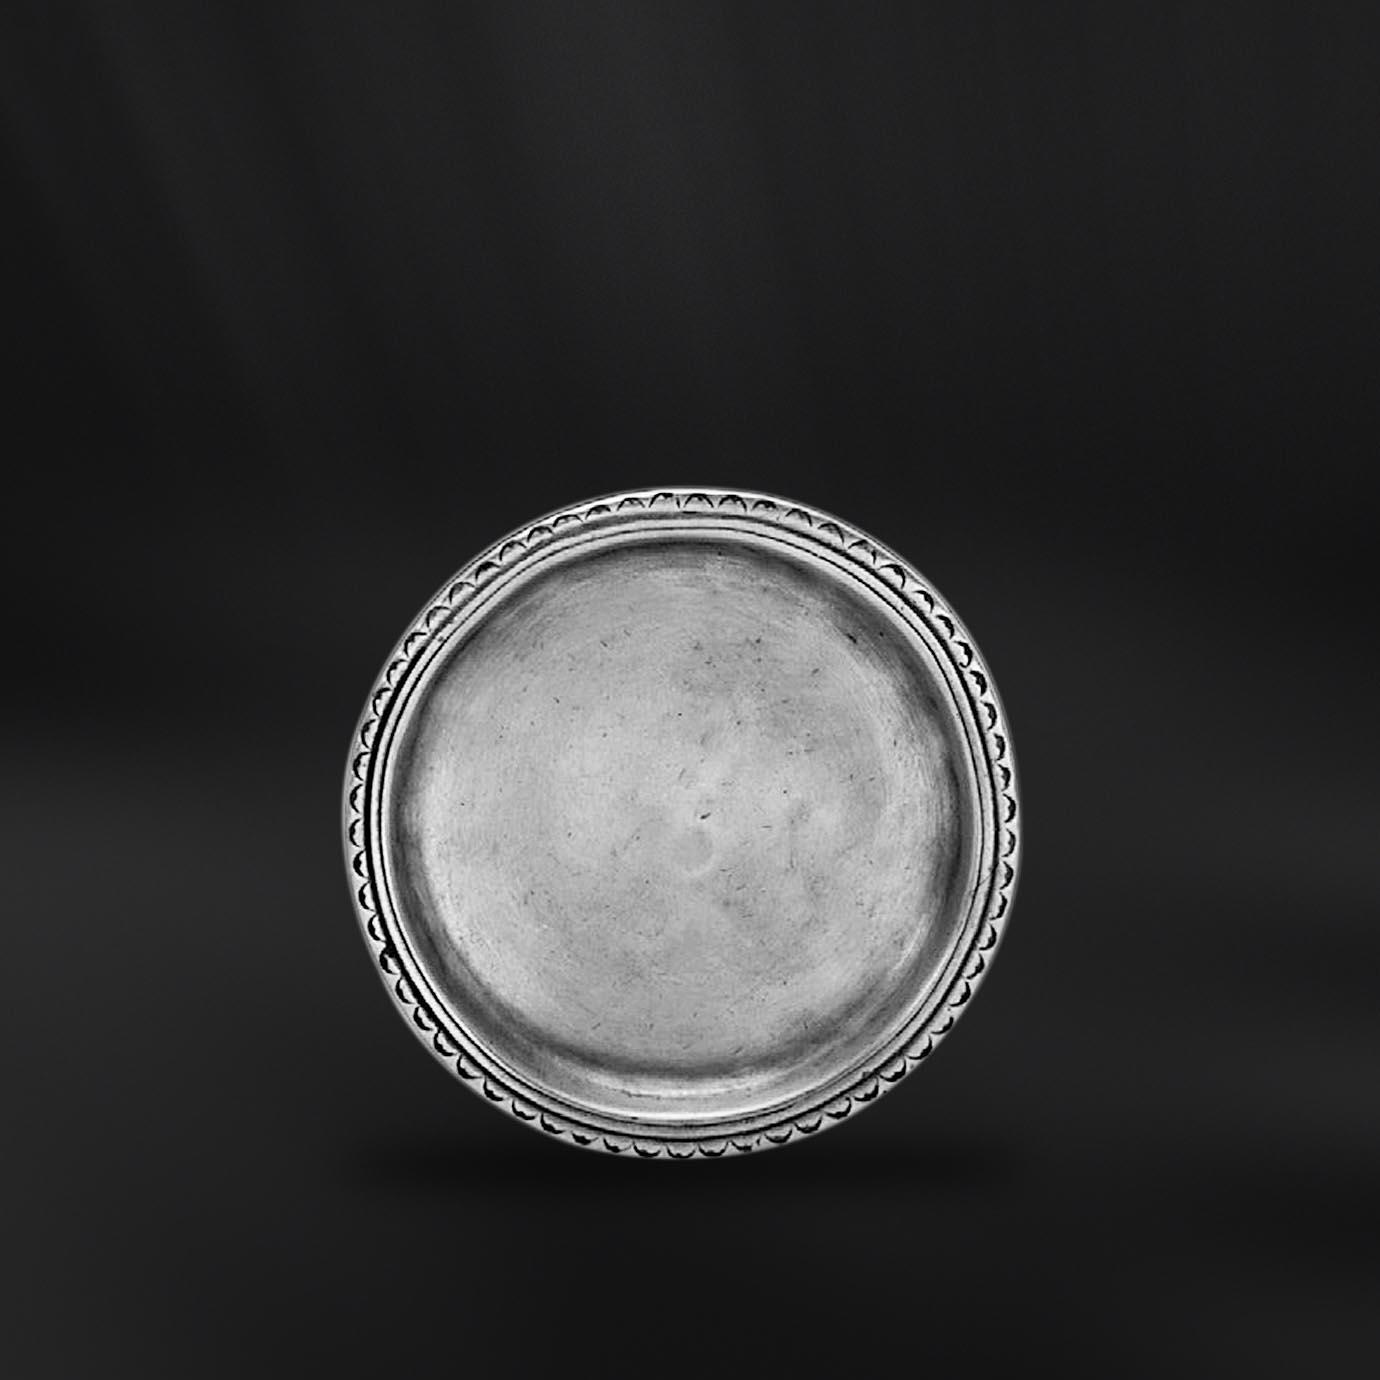 DESSOUS DE VERRE etain antique